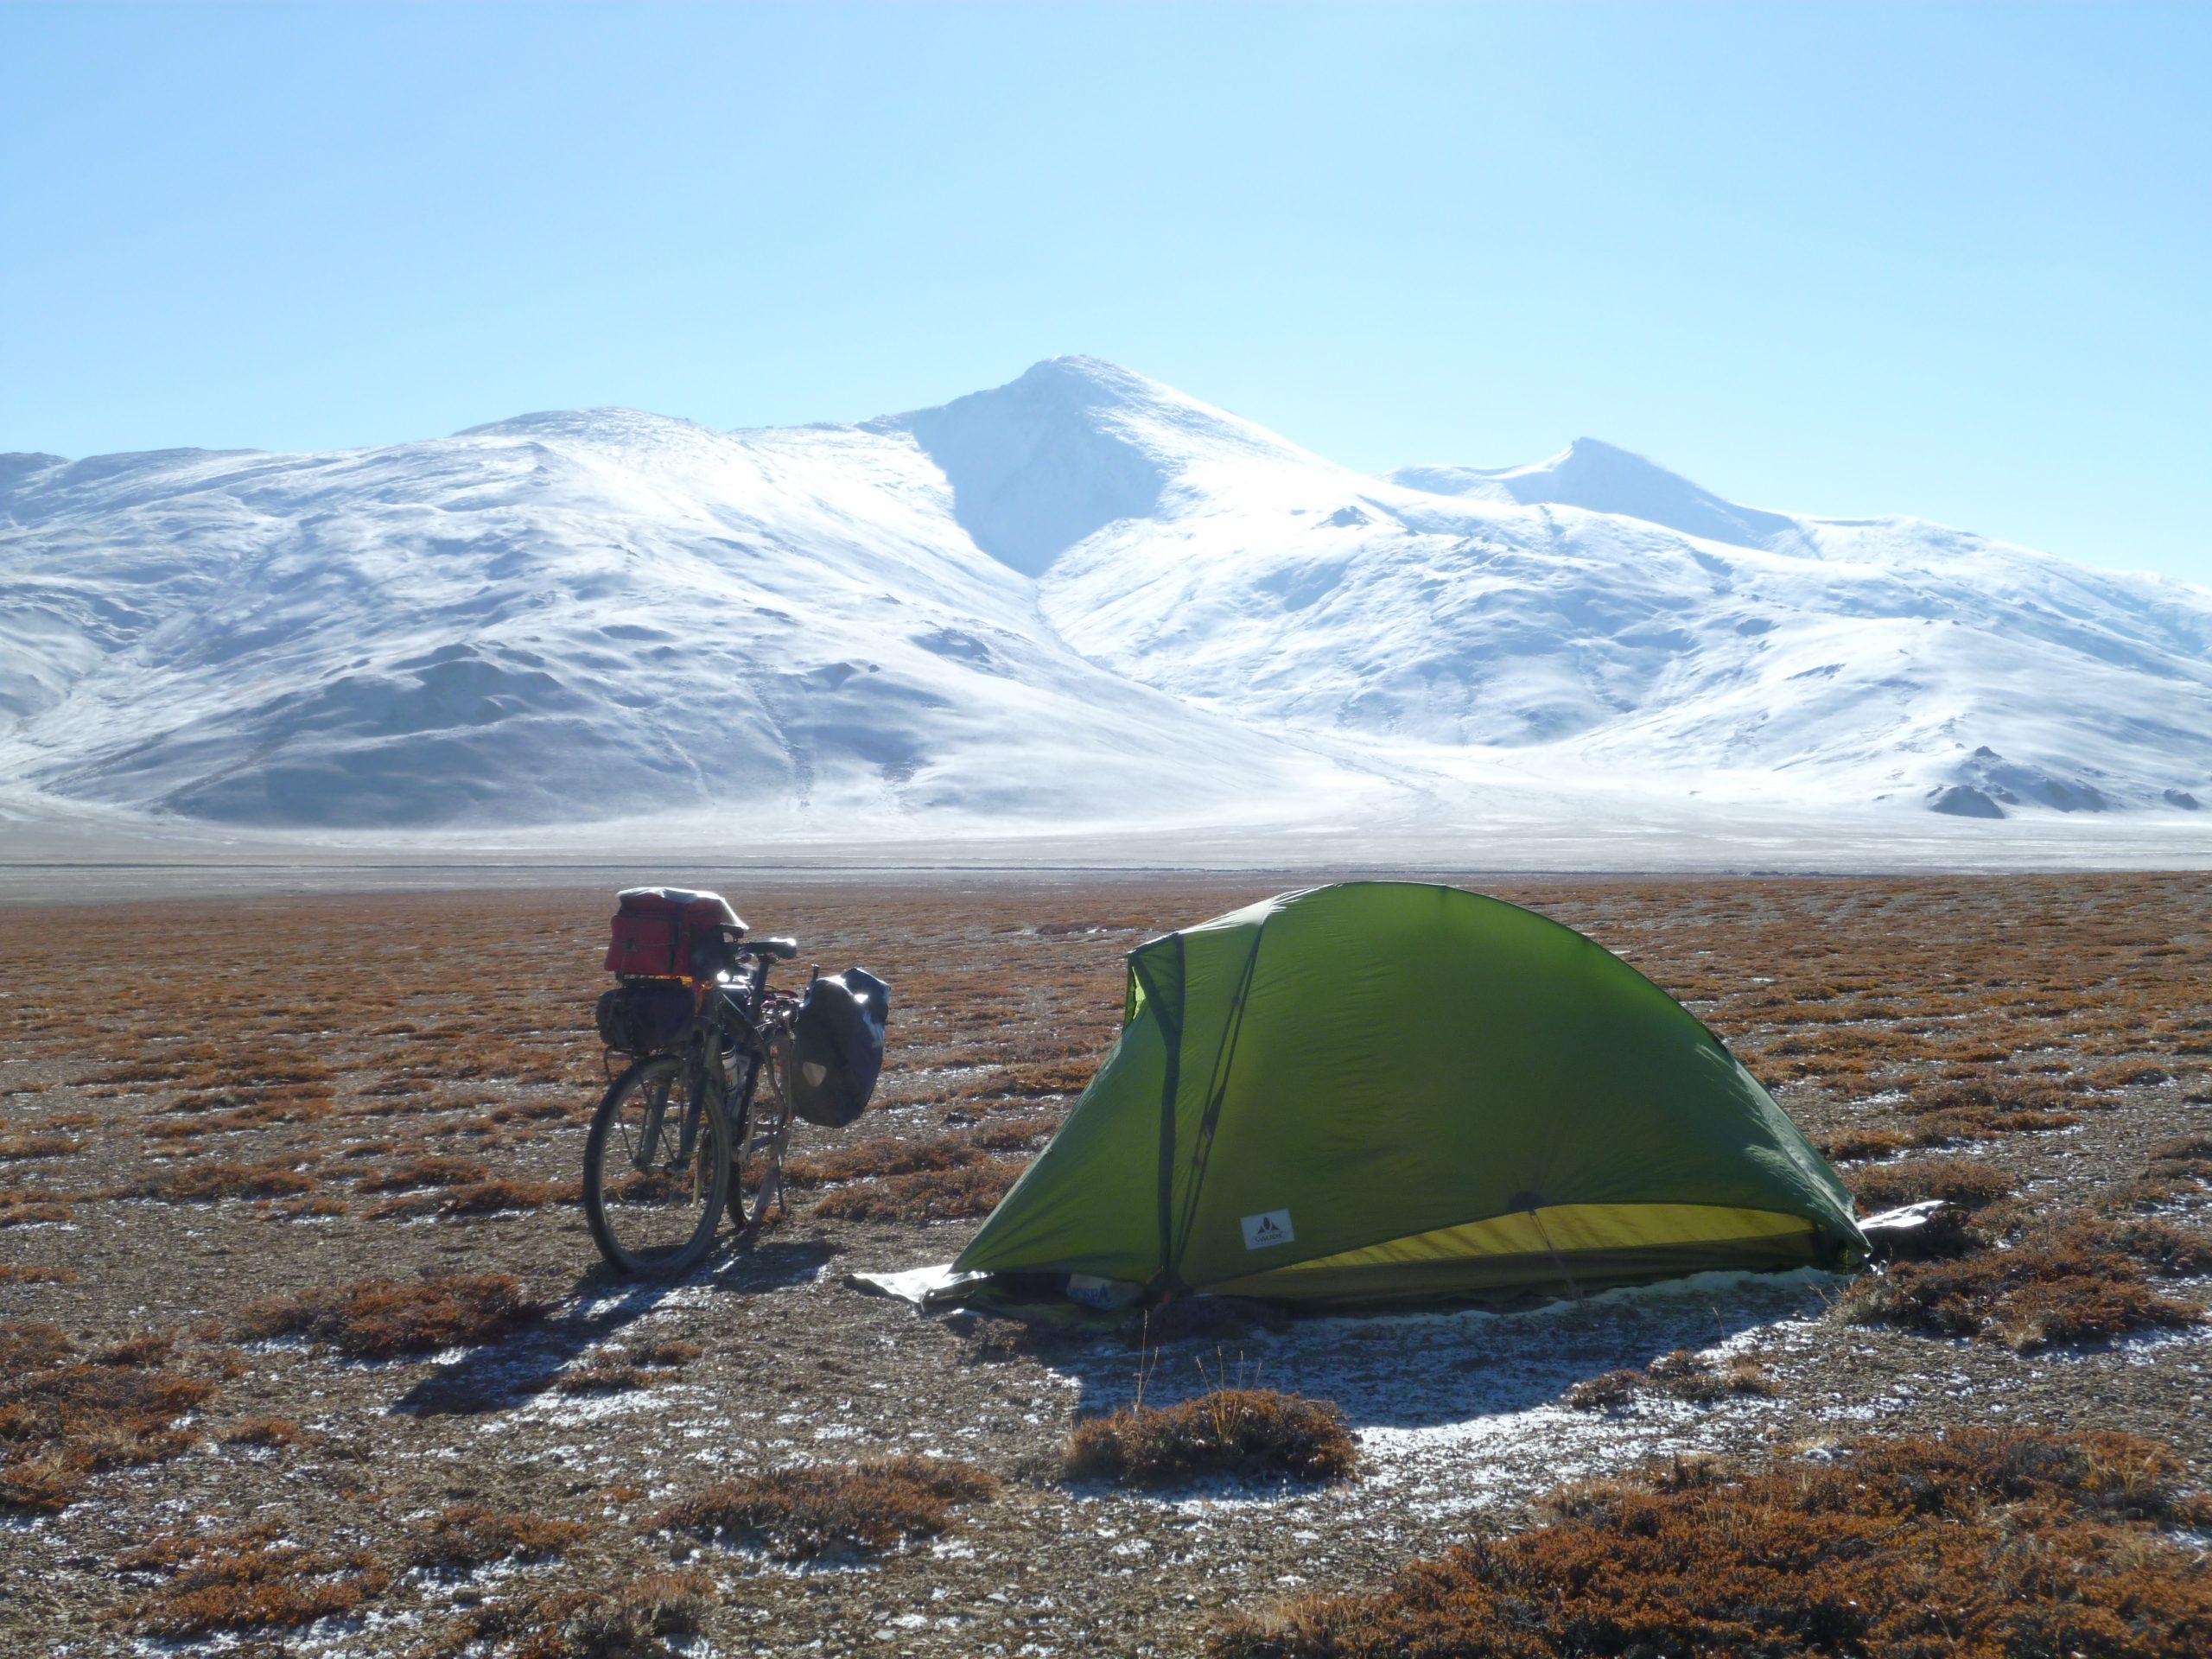 Radreise Ladakh 2012 - Zeltplatz auf der More-Plains (4.800m)